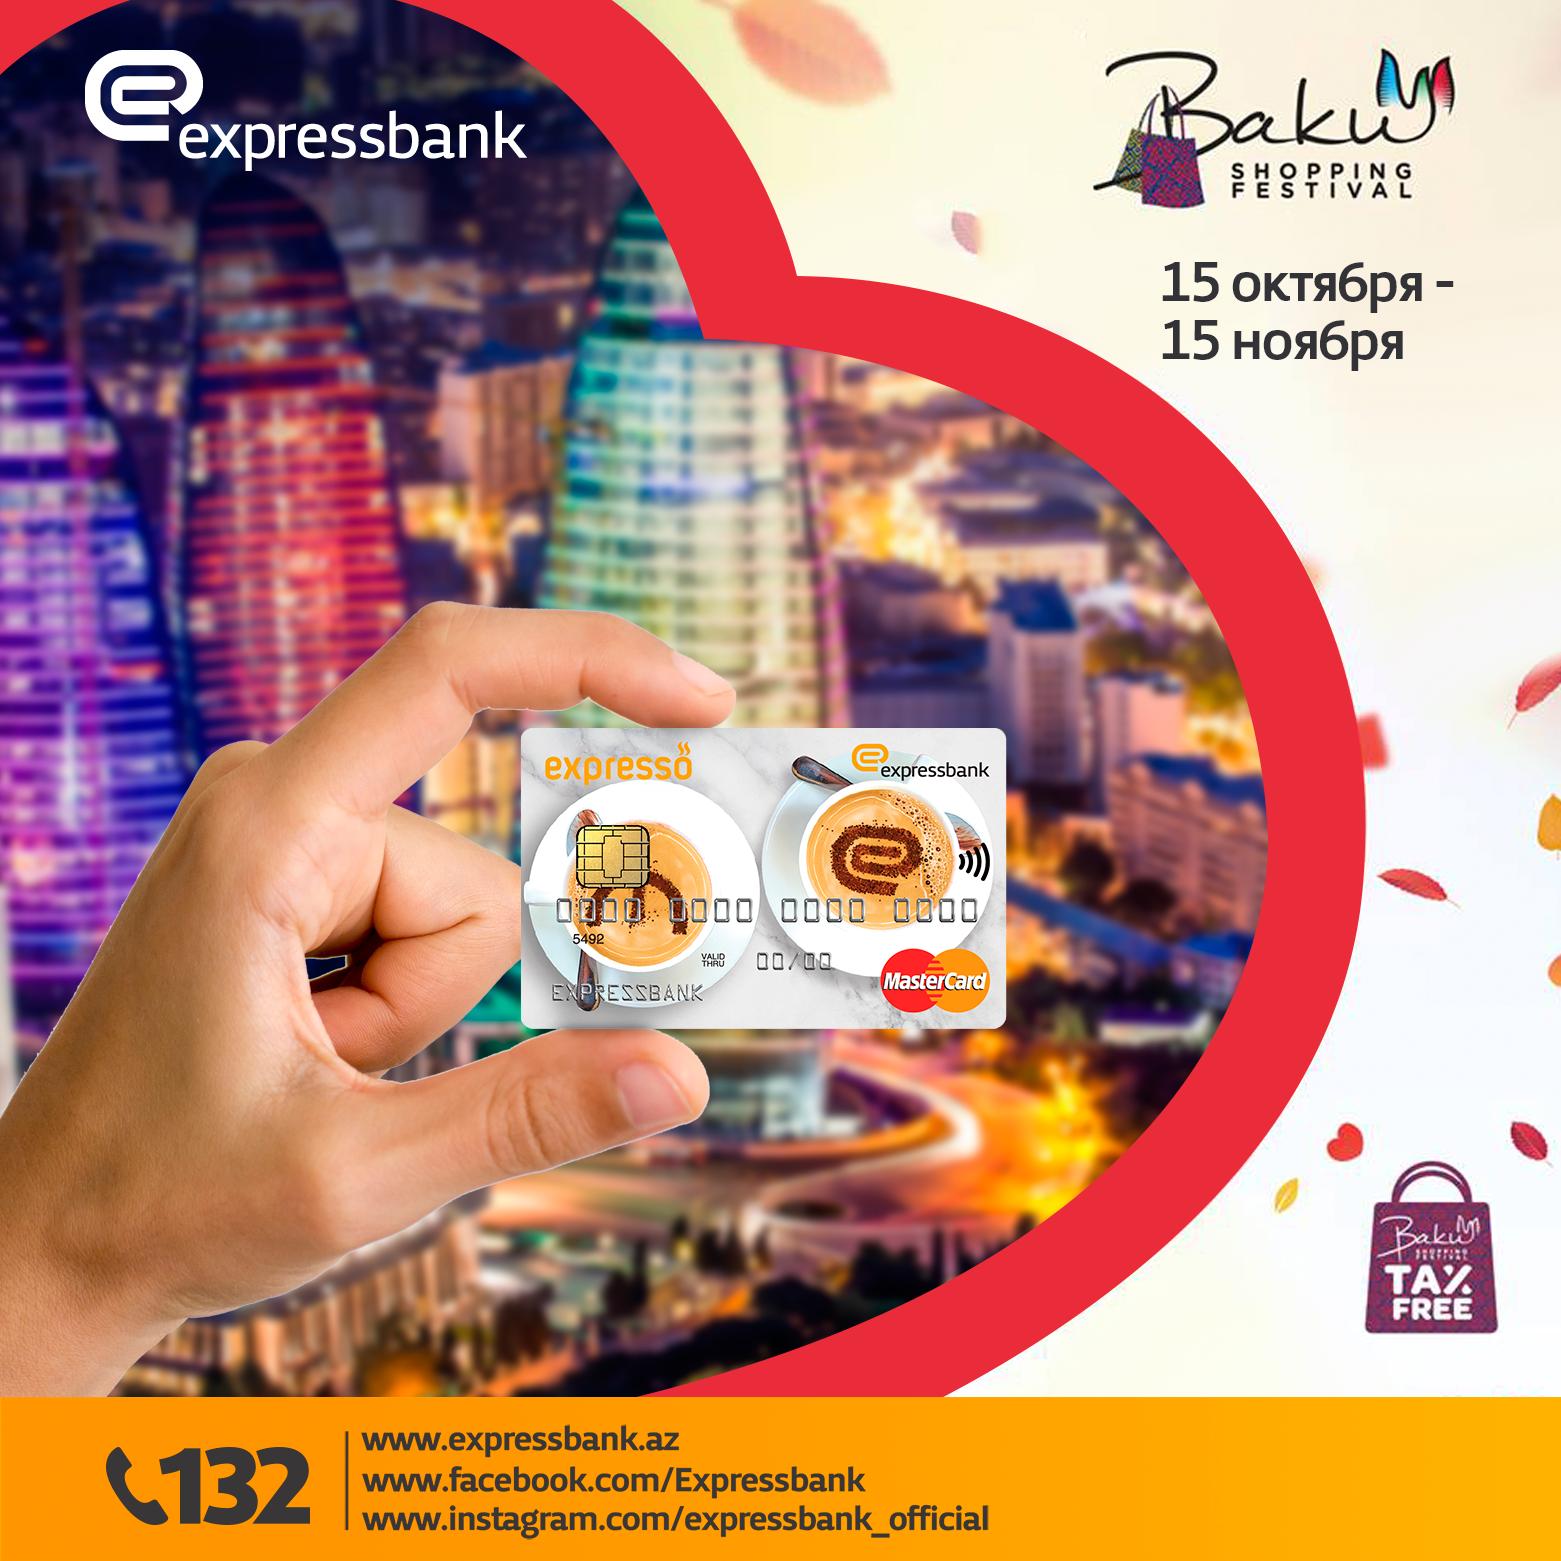 Почему Баку Шоппинг Фестиваль выгоднее с Expressbank?